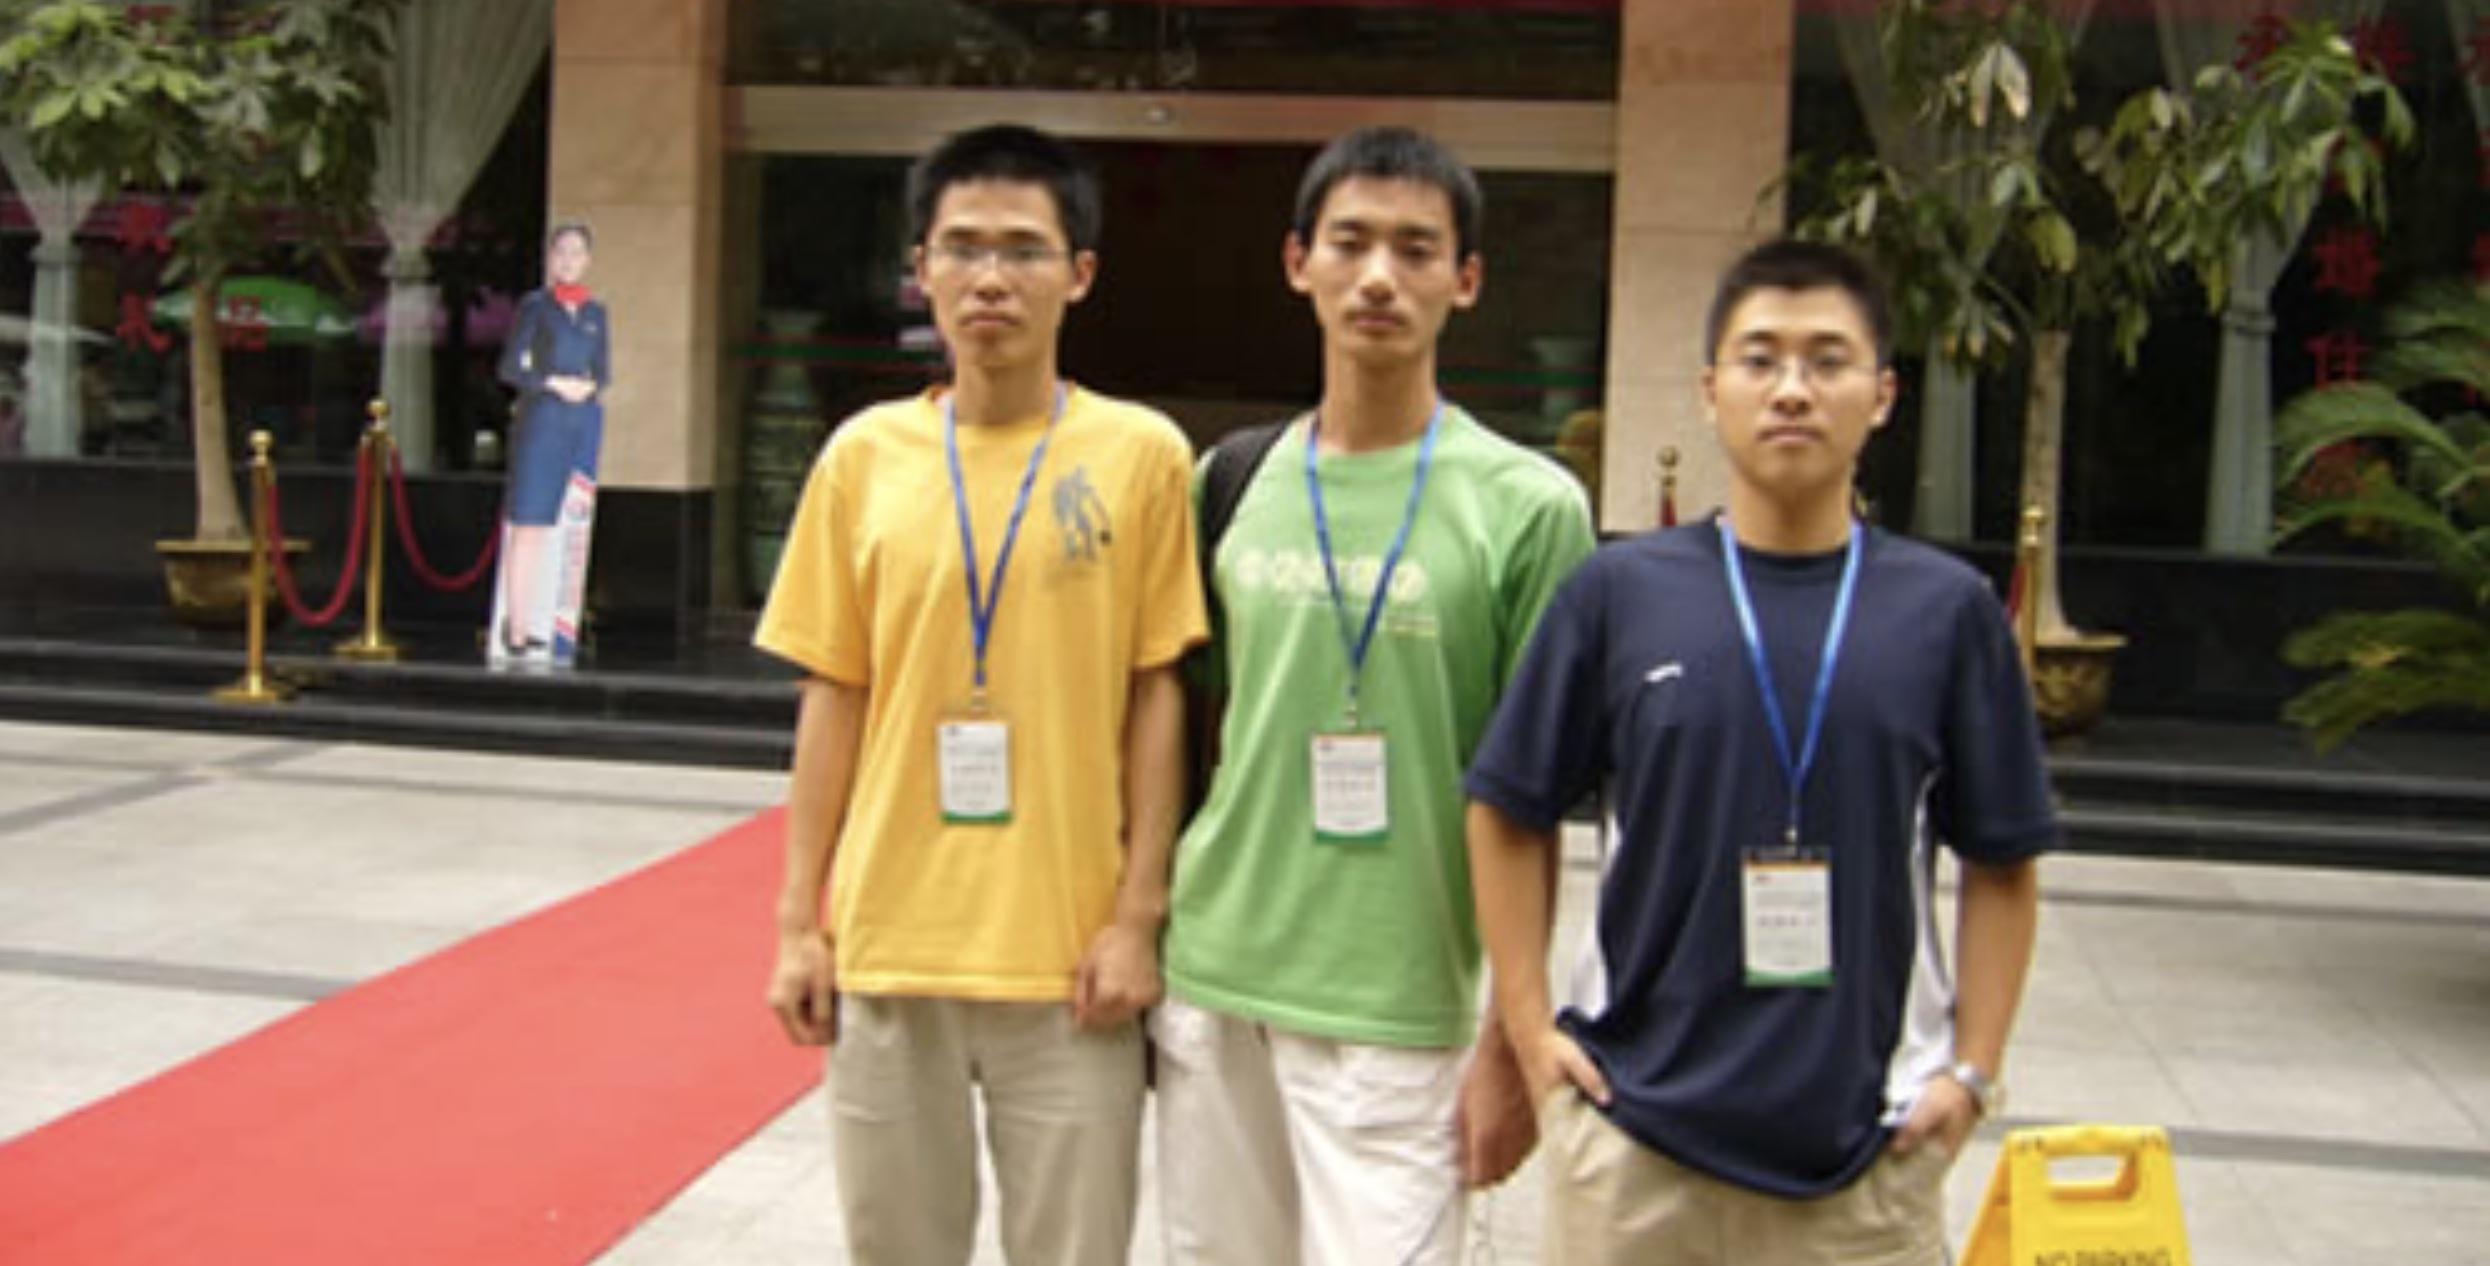 2008年全国大学生电子设计竞赛   信息安全技术专题邀请赛   我校计算机学院参赛队摘获一项三等奖